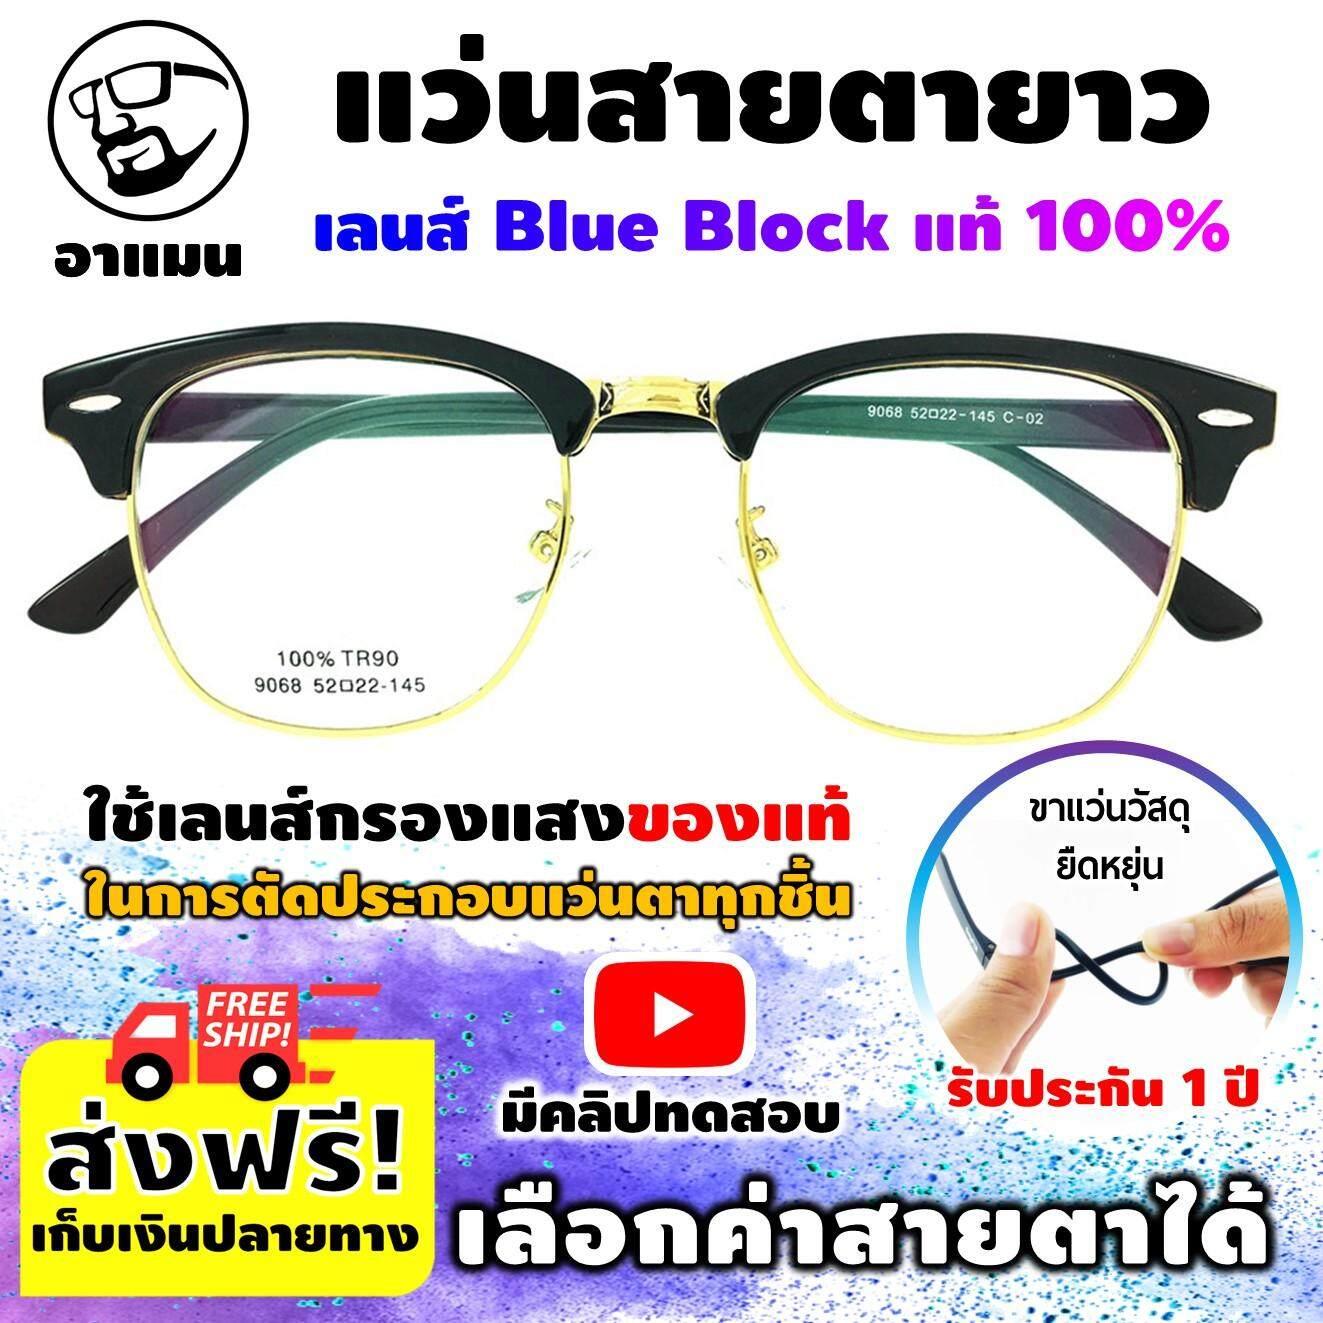 แว่นสายตายาวกรองแสง ทรง Clubmaster (ขาแว่นเป็นวัสดุ Tr90 มีความยืดหยุ่น) เลือกค่าสายตาได้ แว่นอ่านหนังสือเล่นคอม เล่นมือถือ แว่นตาอ่านหนังสือ แว่นสายตายาวสำหรับคอมพิวเตอร์ เล่นมือถือตัดแสงสีฟ้า ลดอาการปวดตา By Rman.